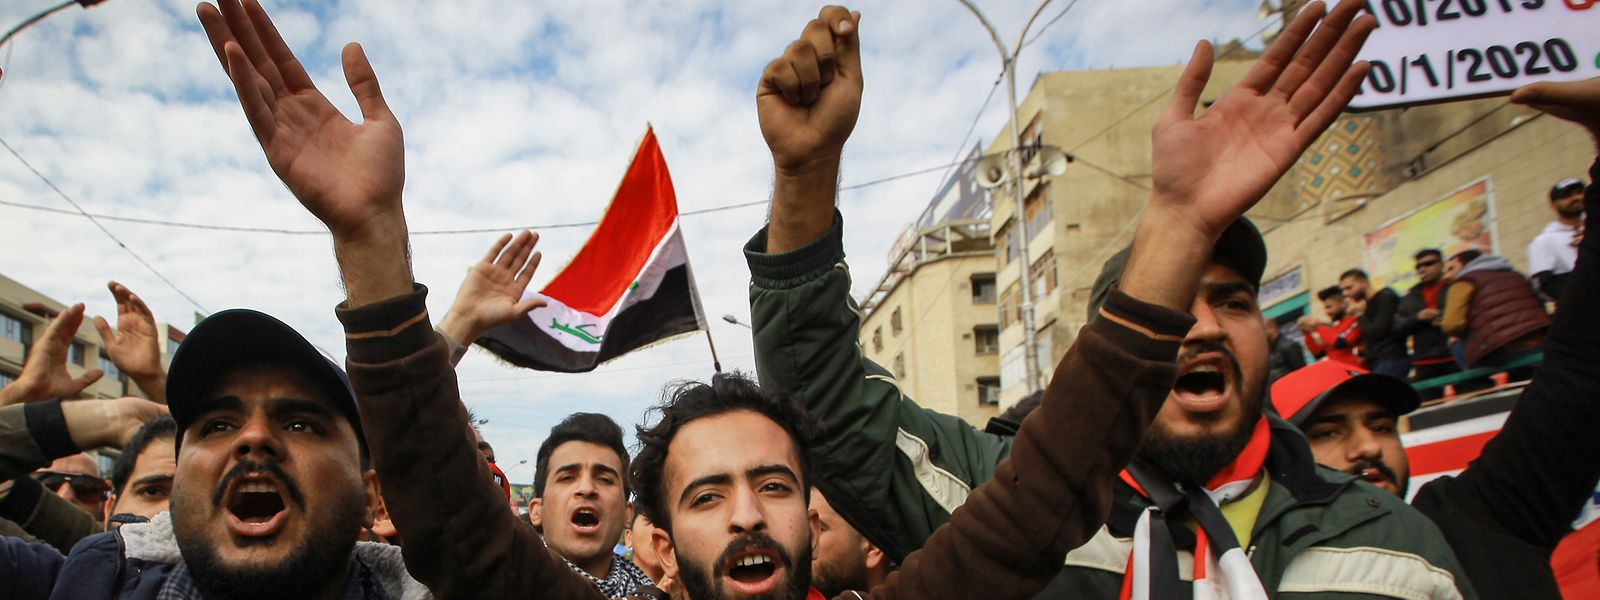 In Baghdad rufen Regierungsfeindliche Demonstranten während einer Demonstration auf dem Tahrir-Platz Slogans gegen die Verletzung der irakischen Souveränität durch die USA und den Iran.